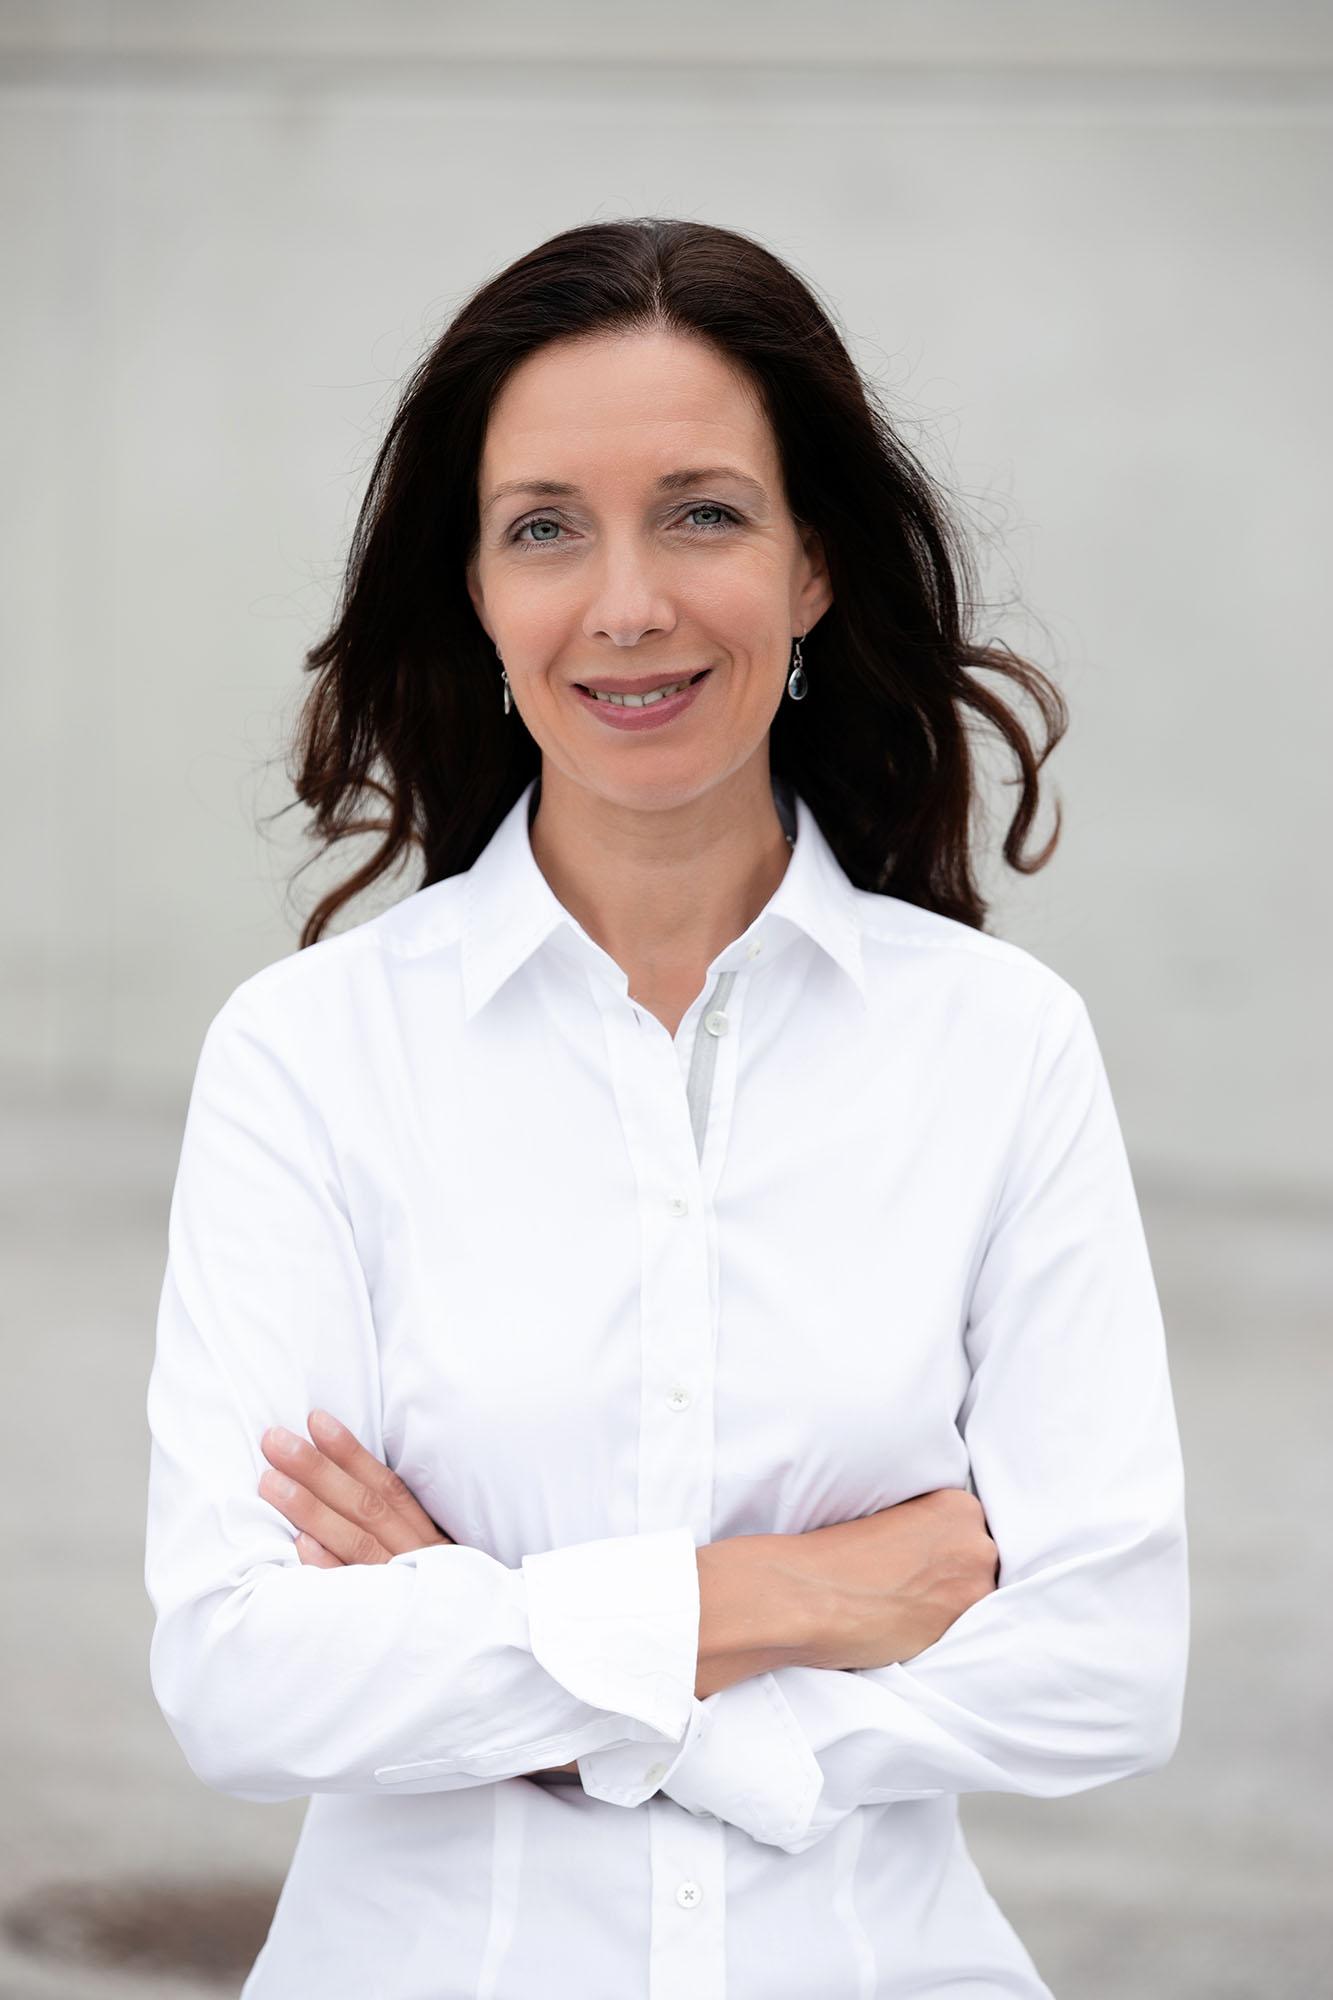 Regina Dobiasovsky